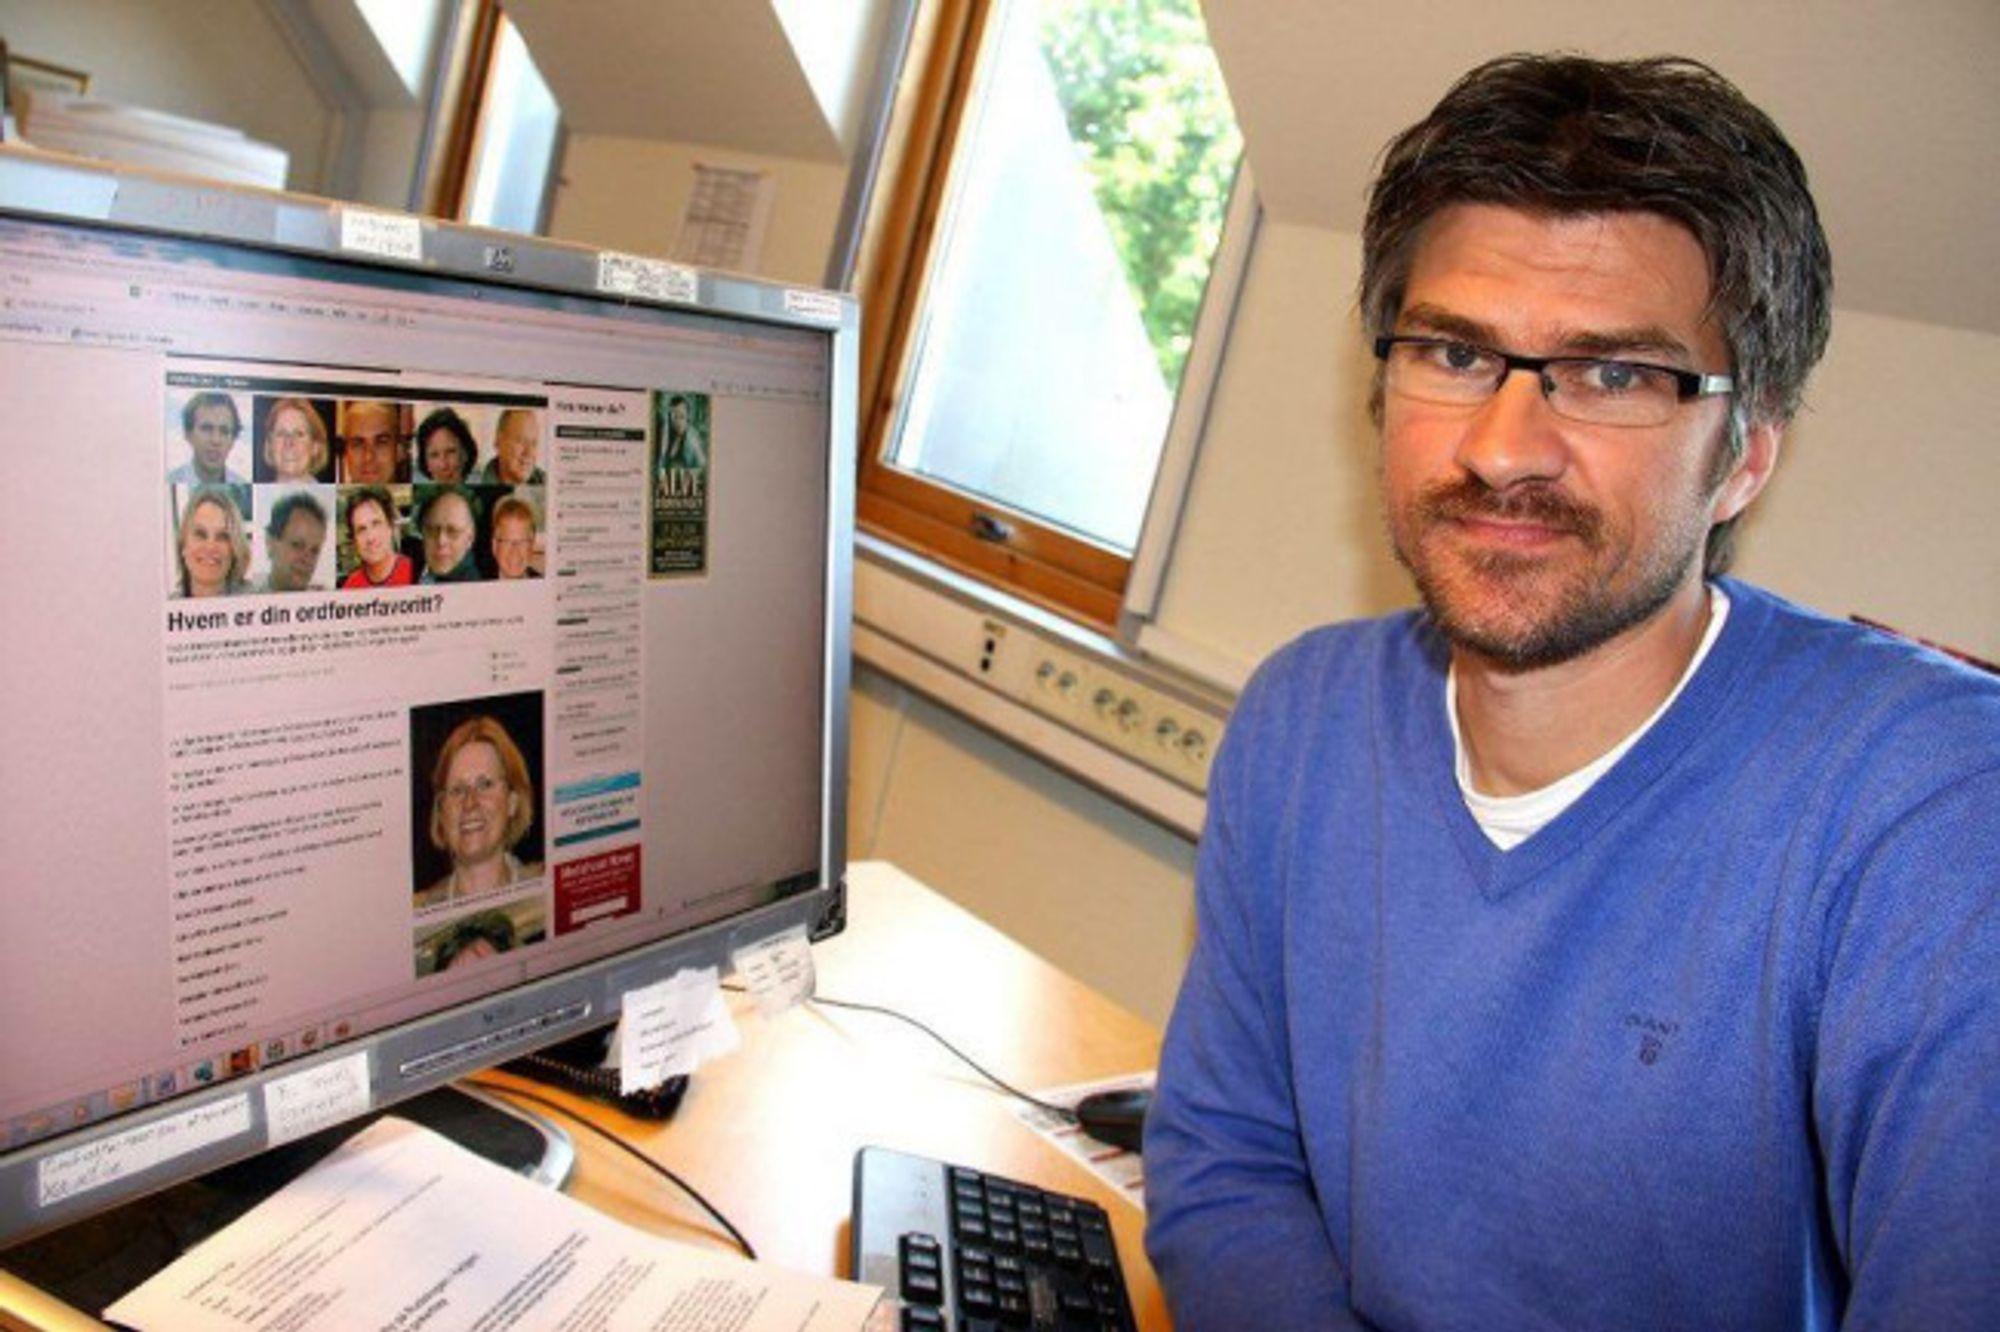 Redaktør Morten Øby i Sarpsborg24 eier også Halden24. Foto: Privat.